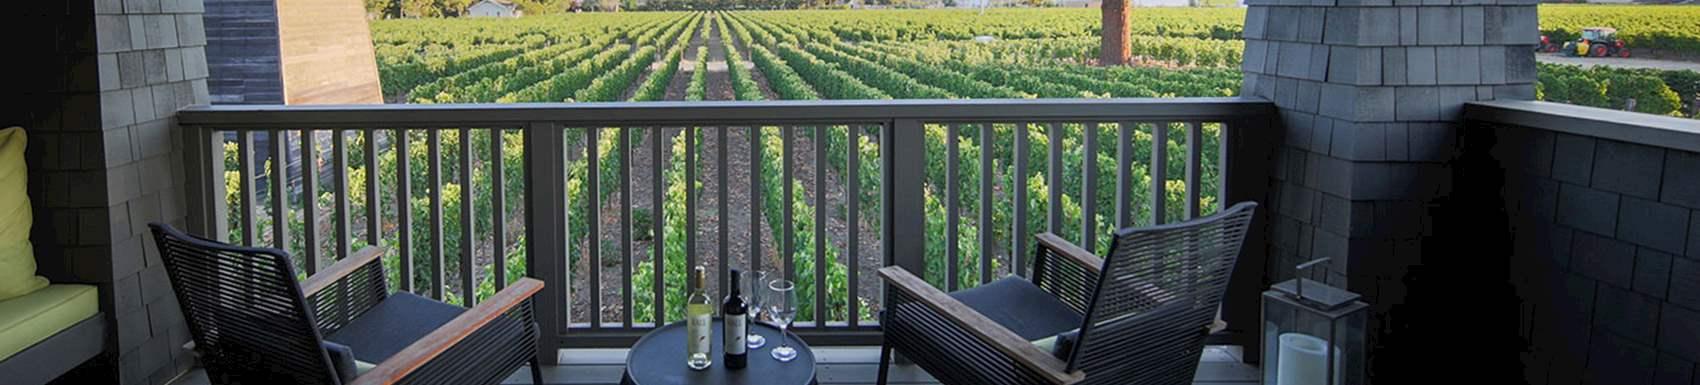 SENZA Hotel, Napa Wine Country Getaway